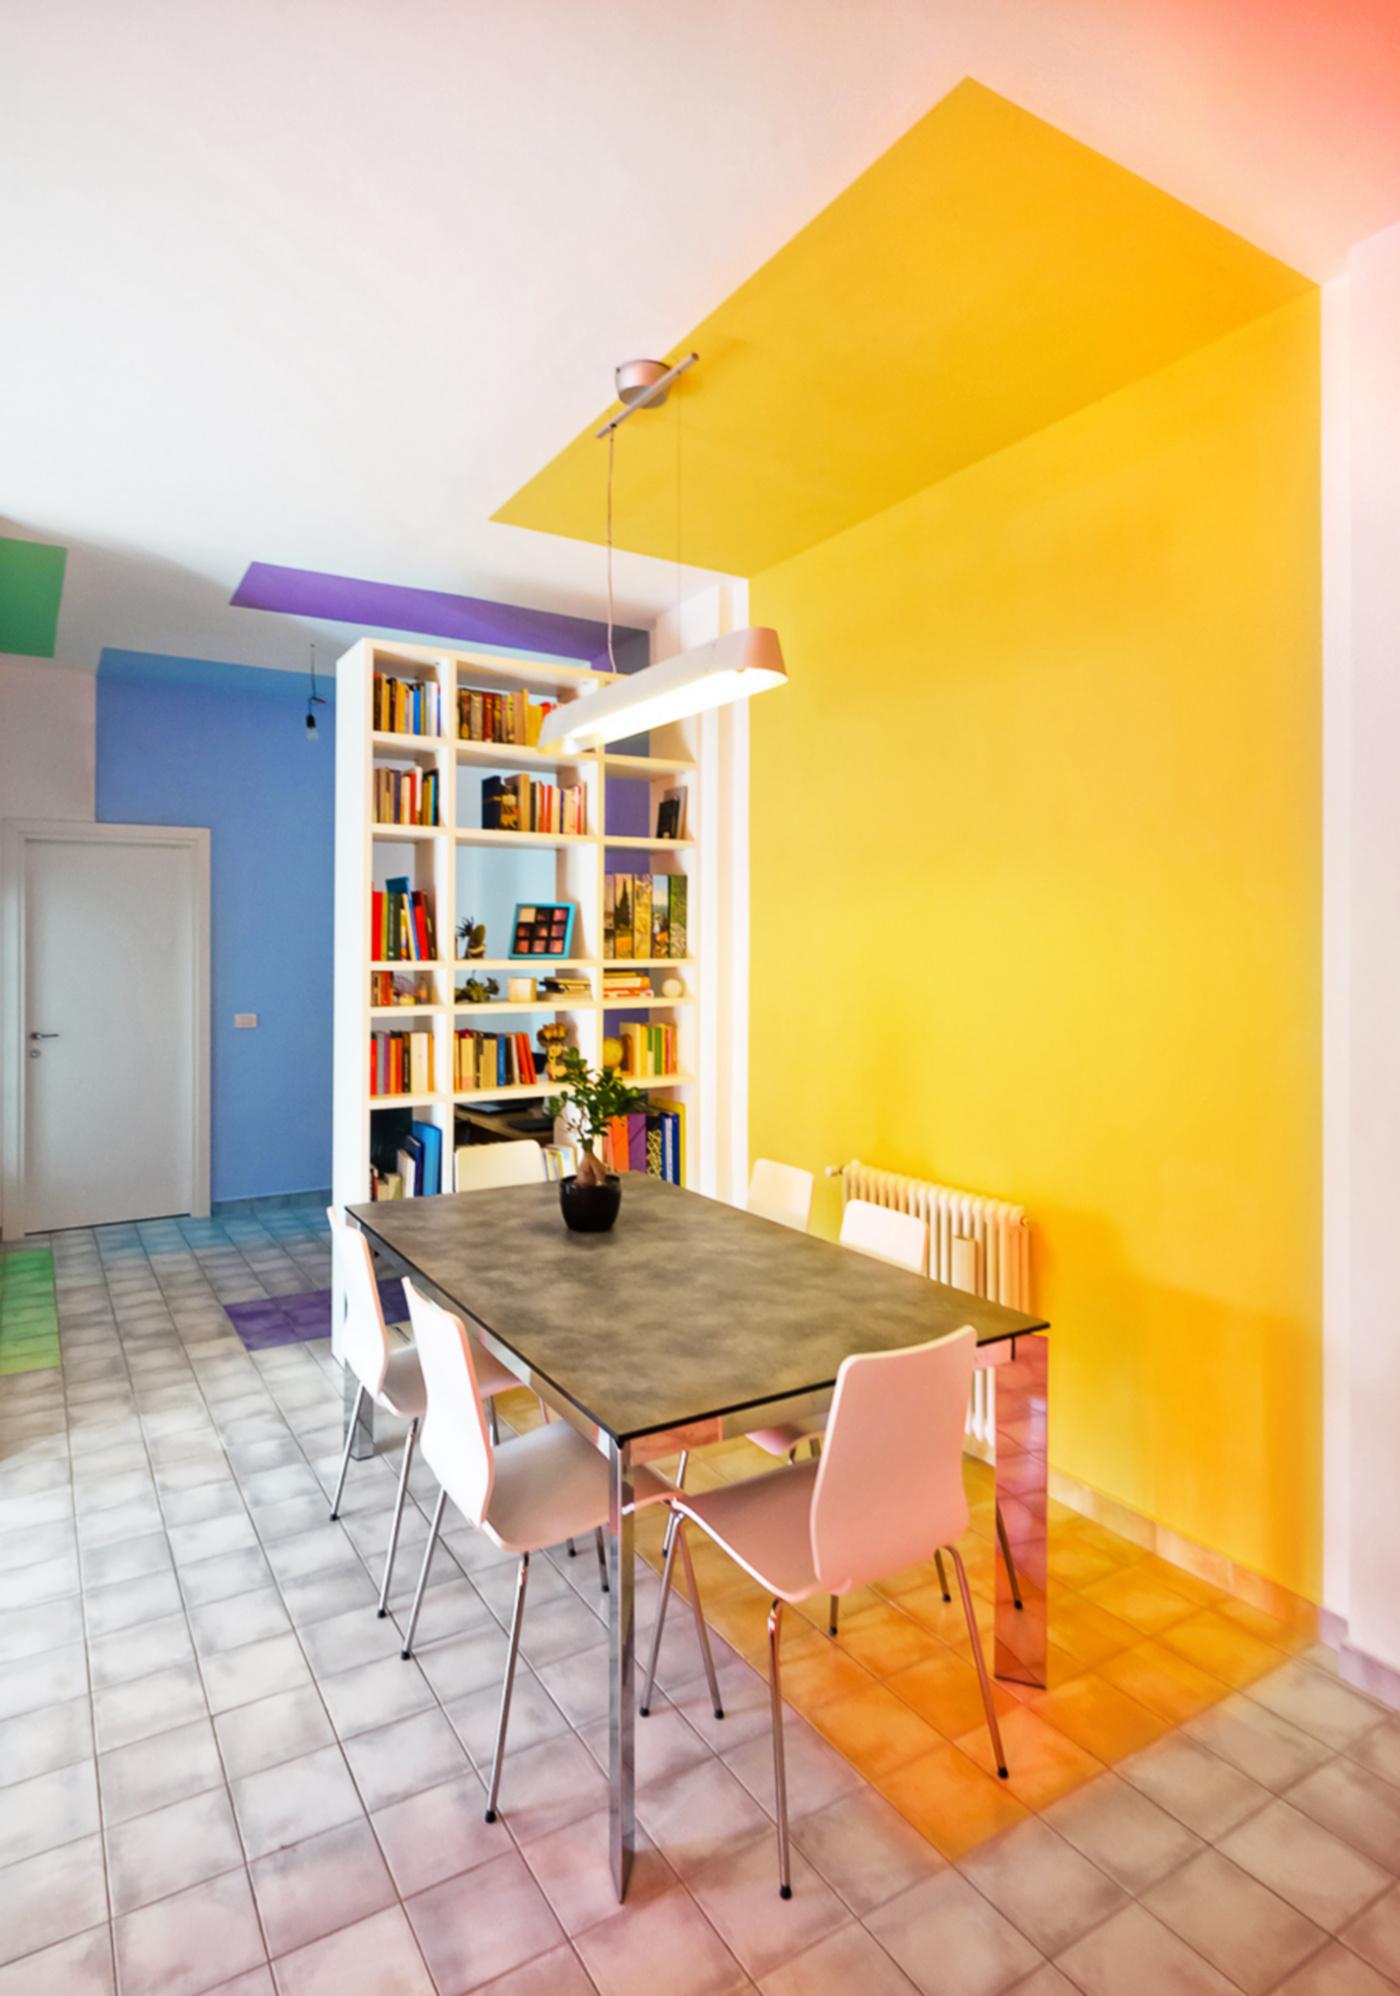 Una ristrutturazione che trasforma il colore in spazio. La sequenza di nicchie colorate segna l'articolazione tra le zone del living | Bottega di Architettura